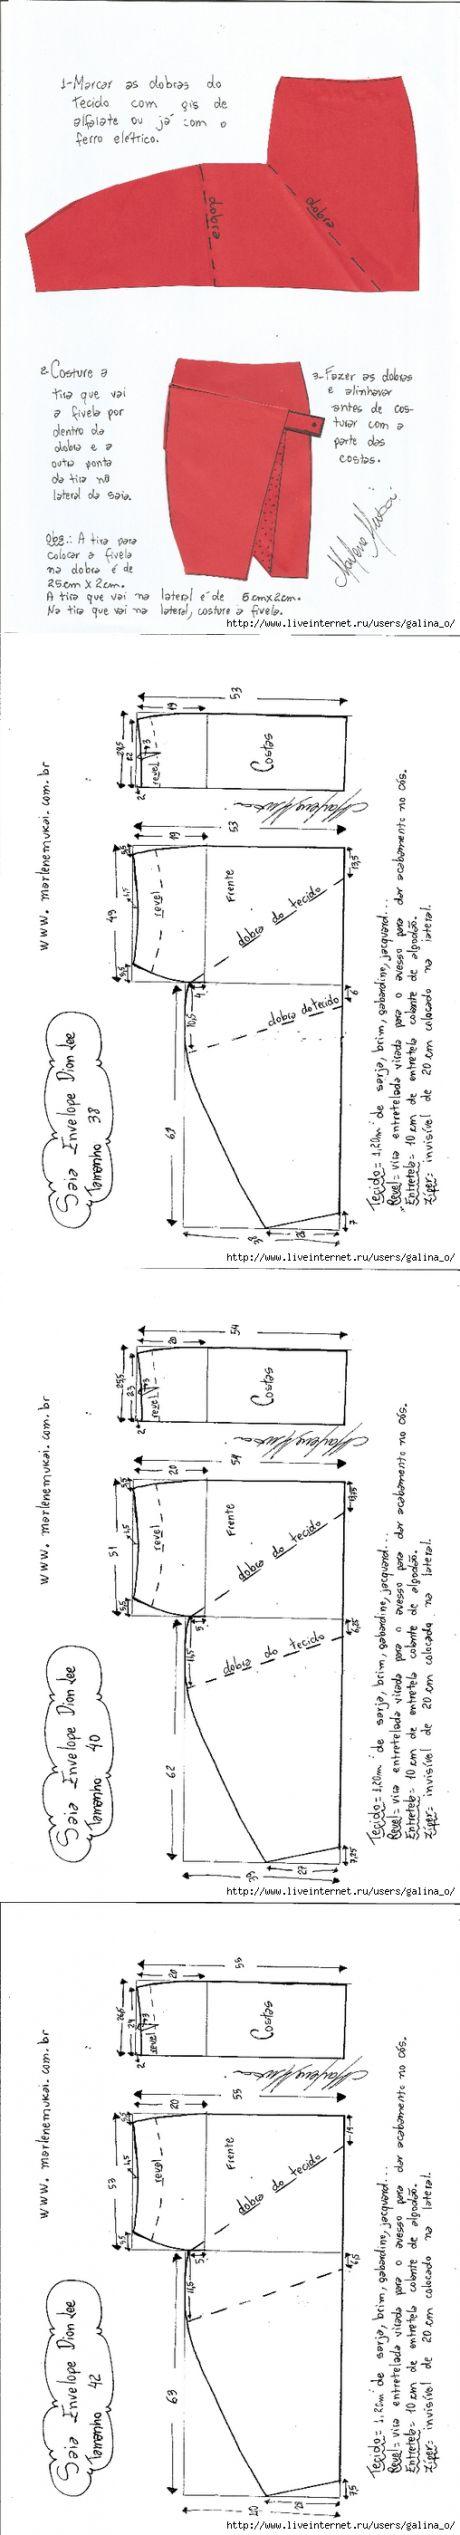 Юбка-конверт дизайнера Дион Ли.Схемы моделирования.